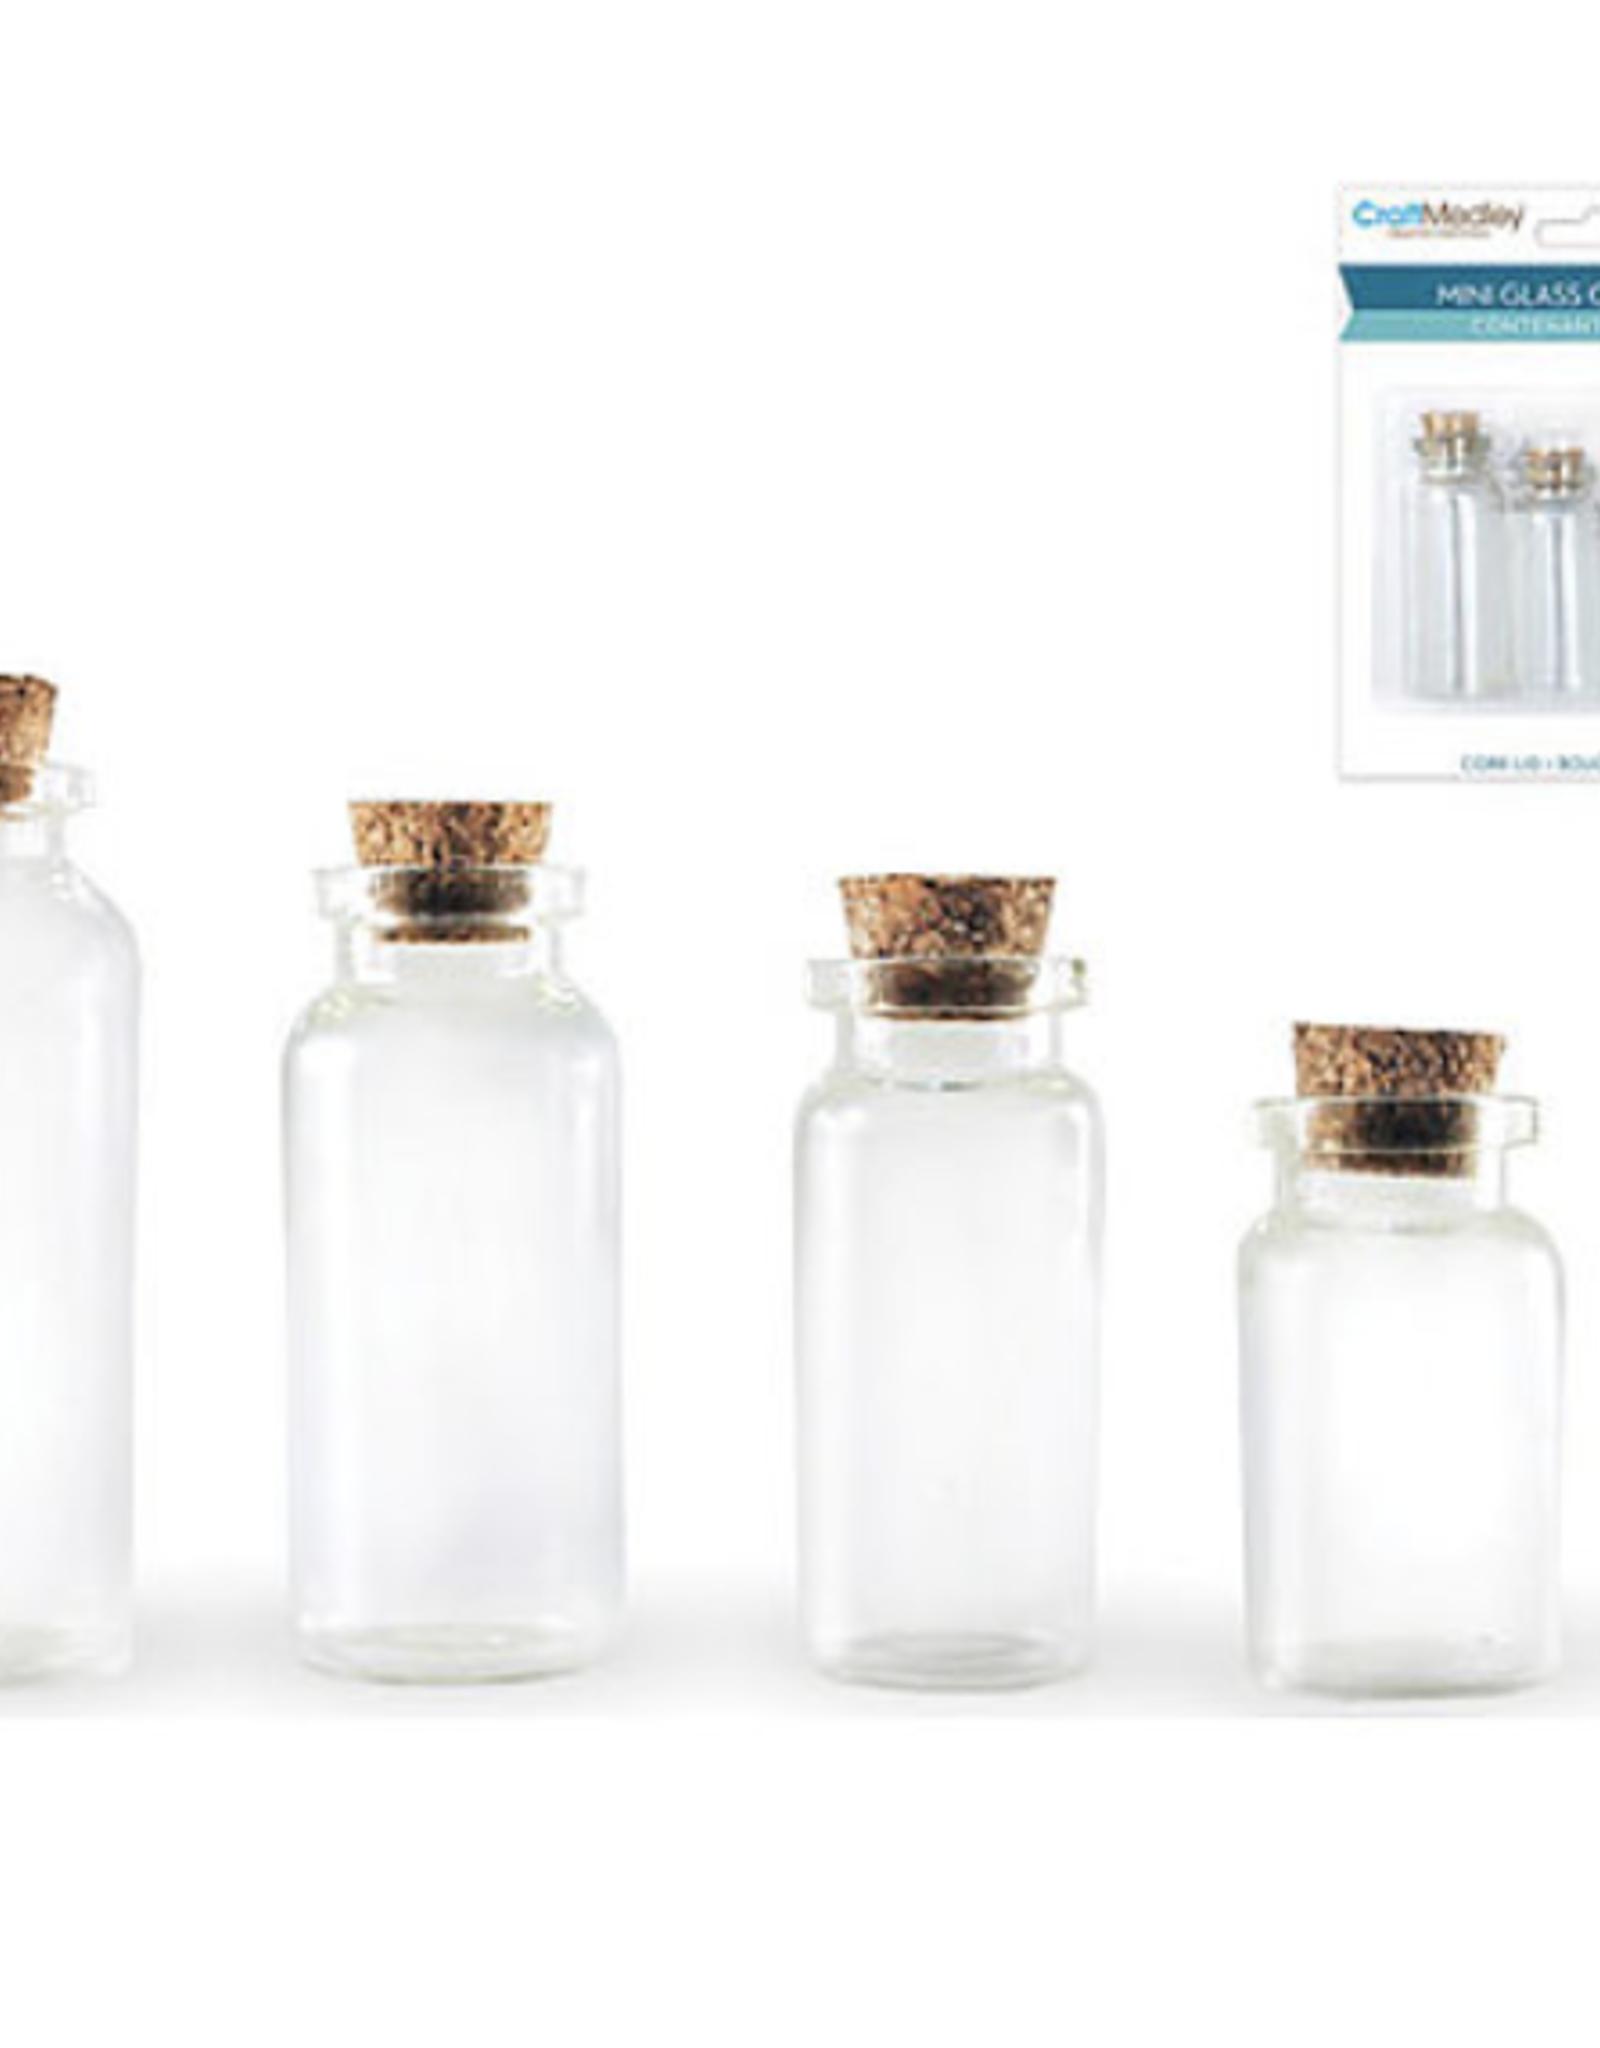 Glass Bottles, 4 Bottle Pack with 20ml, 15ml, 10ml, 7ml